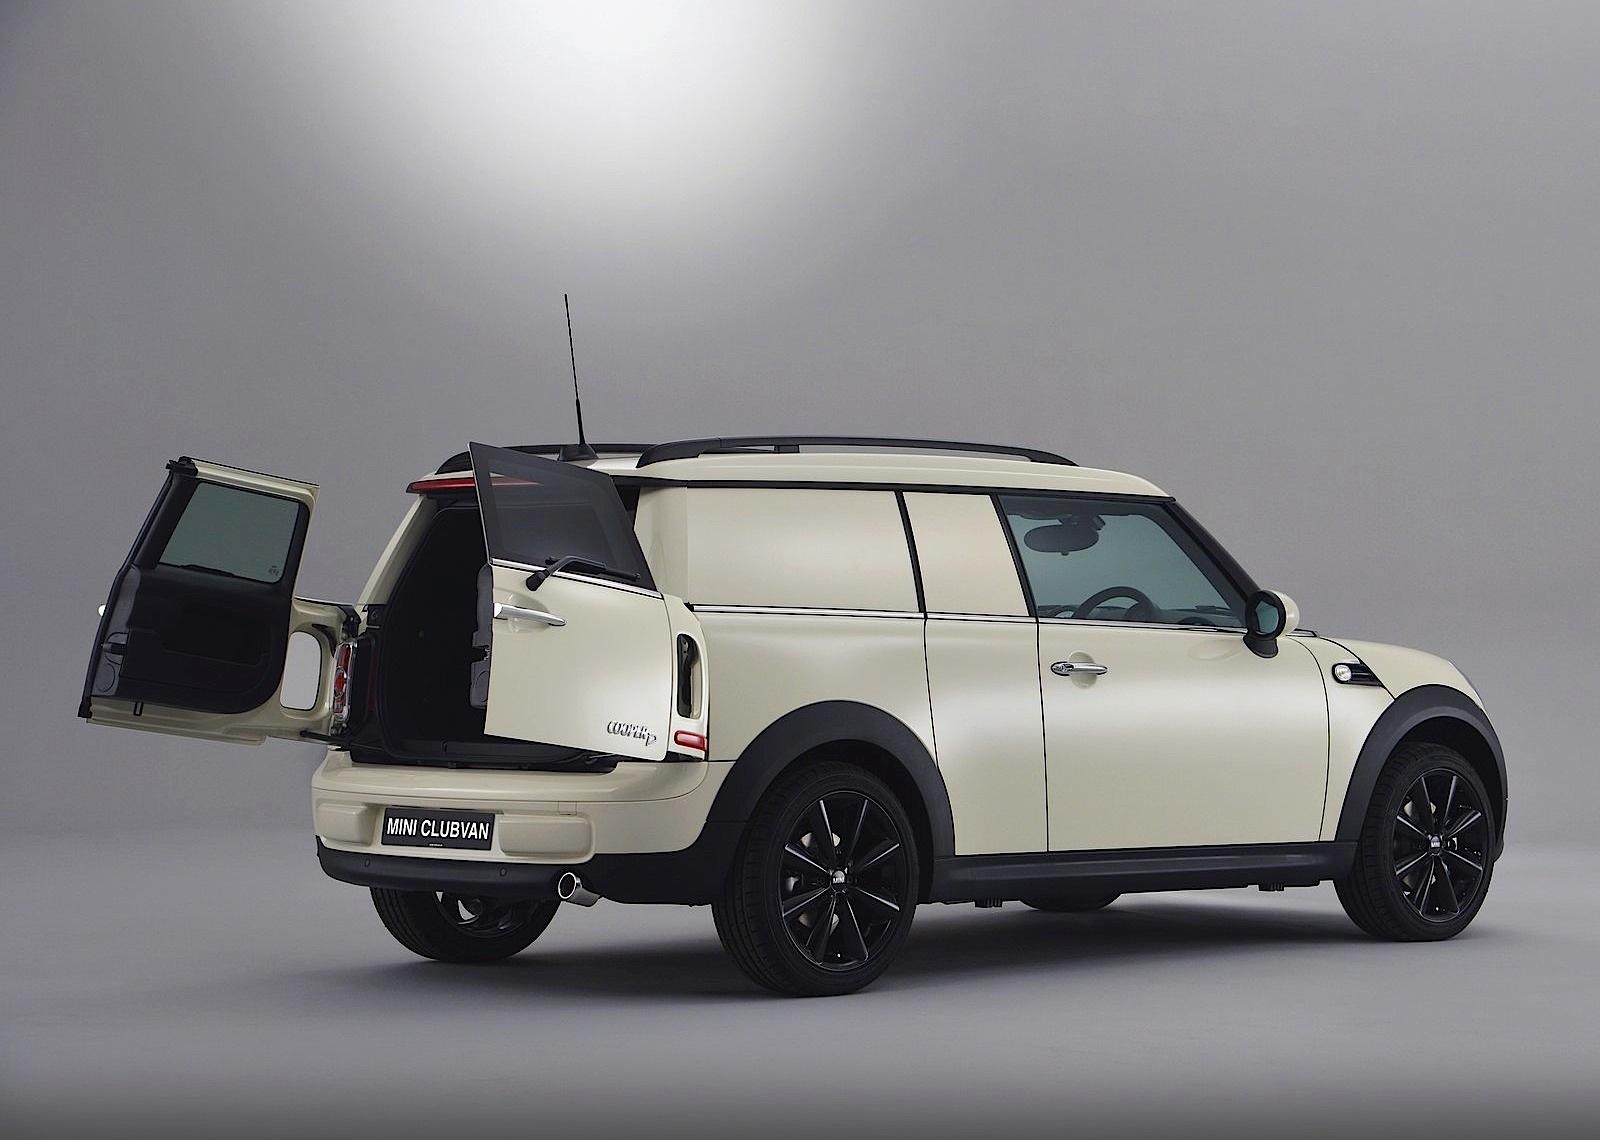 Mini Clubvan 2013 3D model - Vehicles on Hum3D  Mini Clubvan